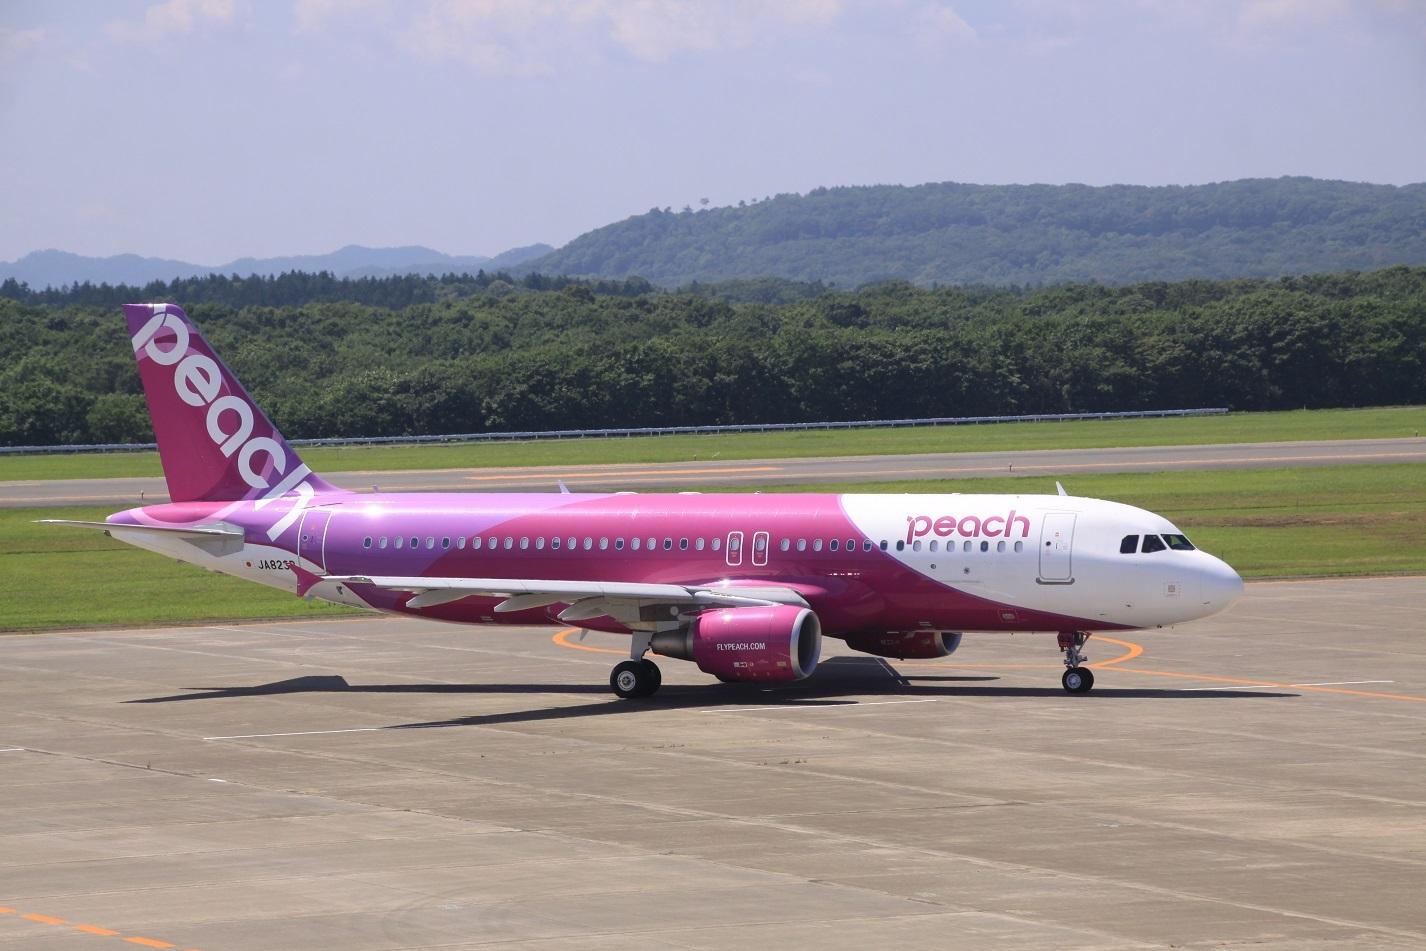 明日から成田・伊丹・名古屋便 飛びます 7月31日_f0113639_15124580.jpg